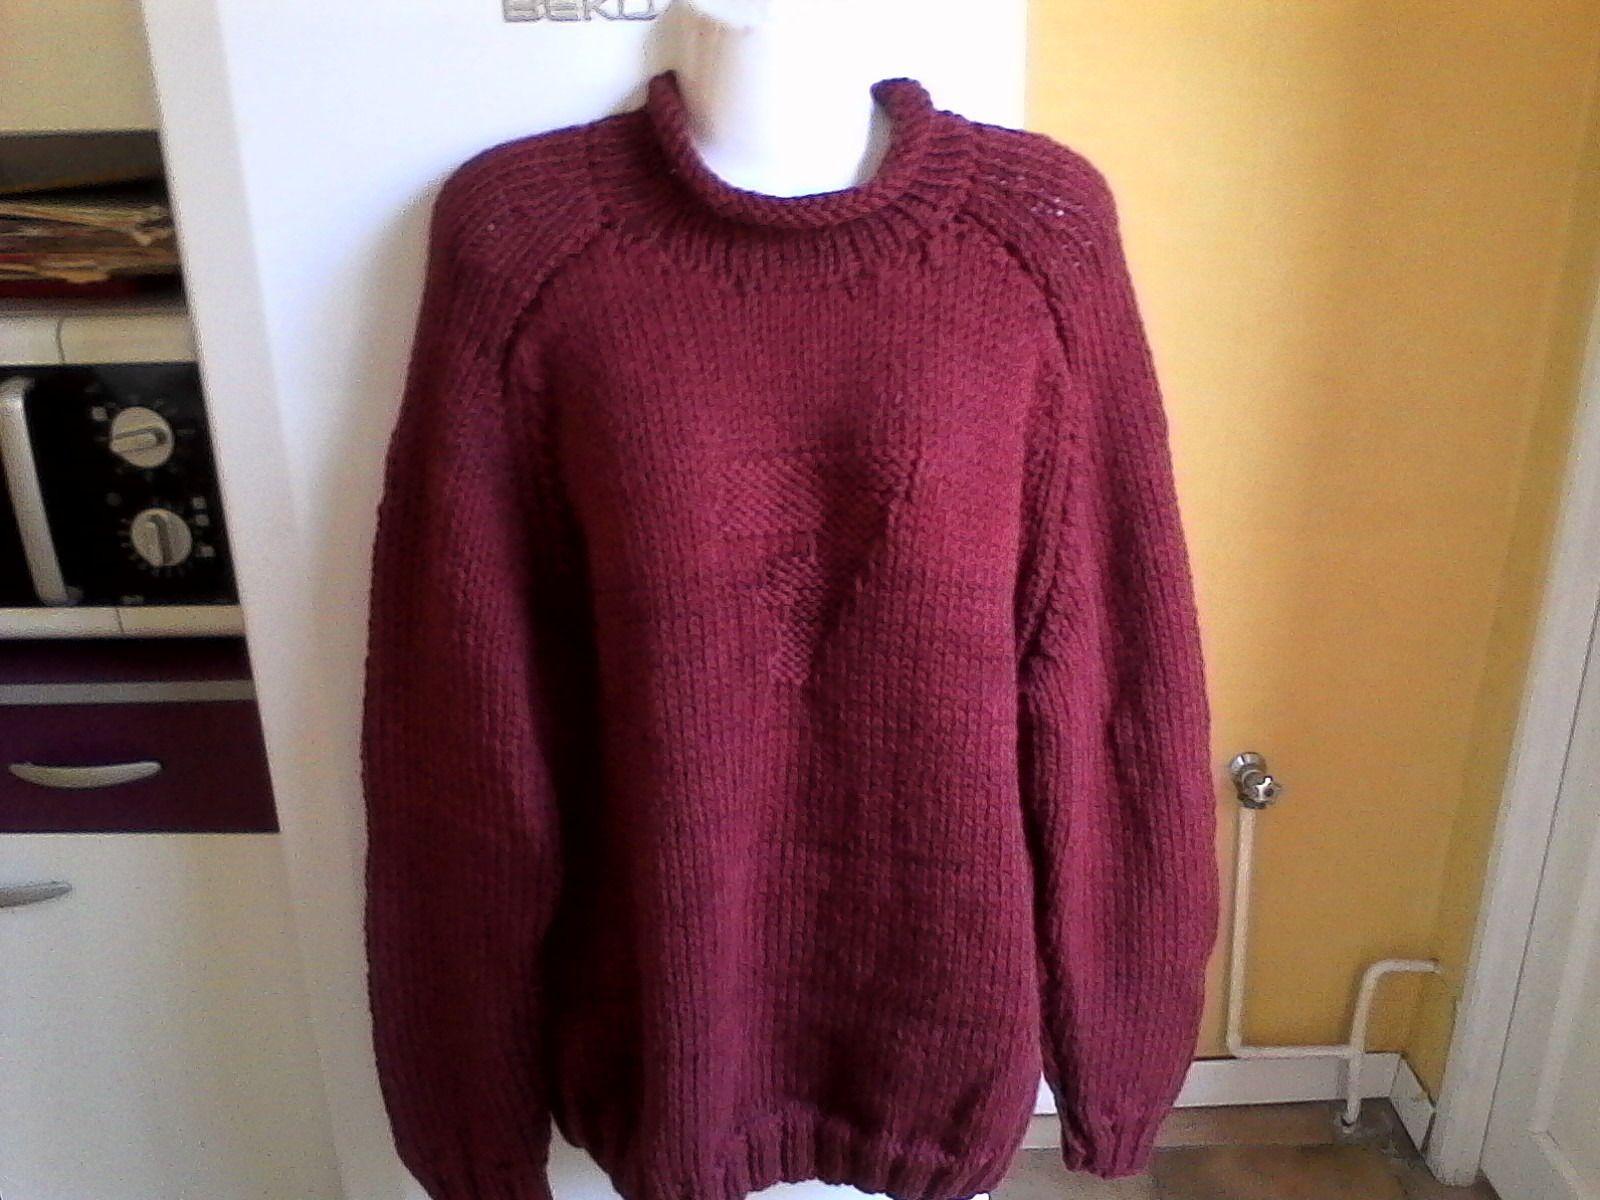 Pull homme col roulotté t. 48 / 50 tricoté main : Pulls, gilets, sweats par tricot-et-crochet-de-binouche